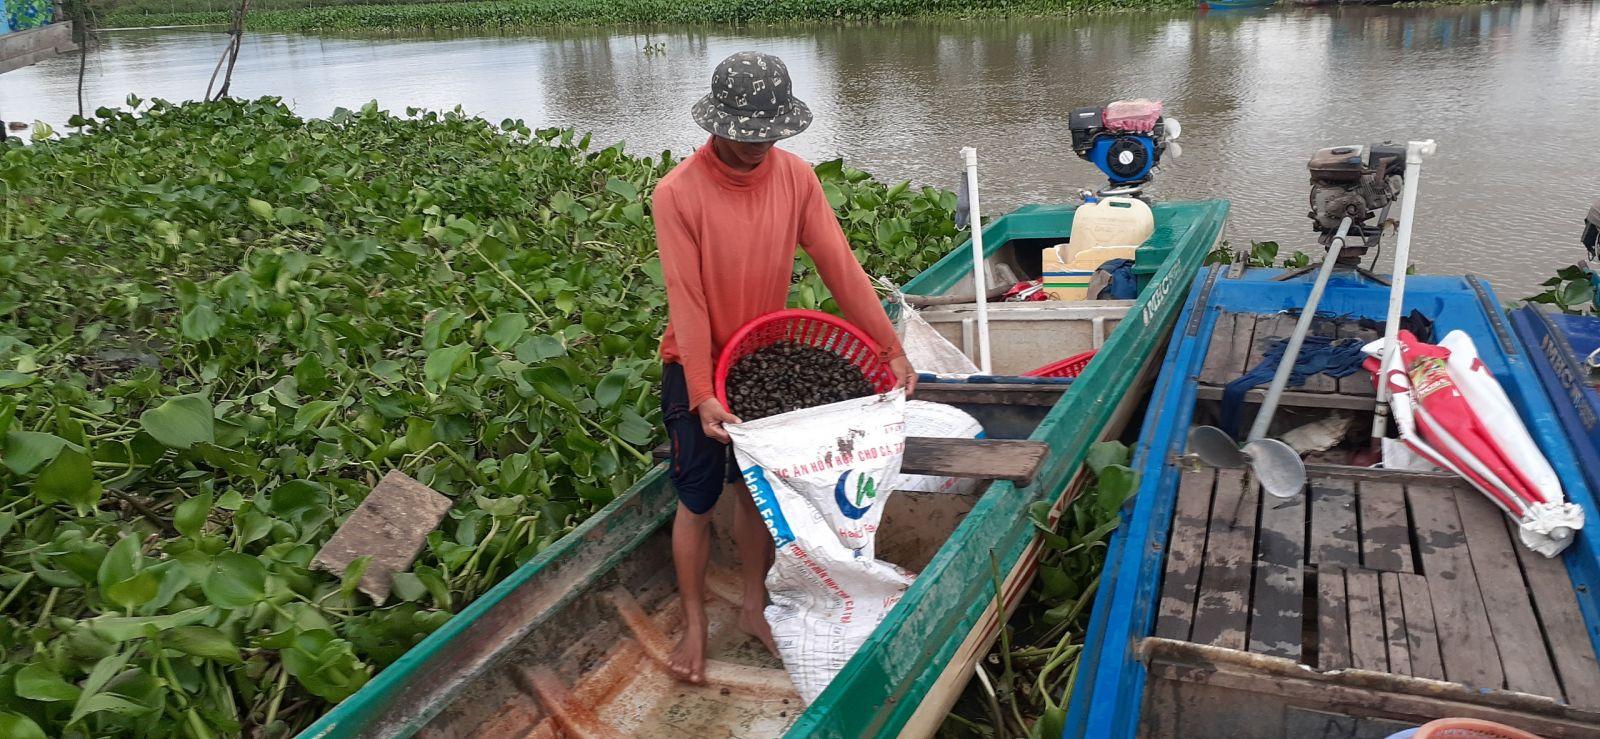 Bắt ốc đắng giải quyết việc làm cho nhiều lao động nhàn rỗi ở nông thôn trong mùa lũ